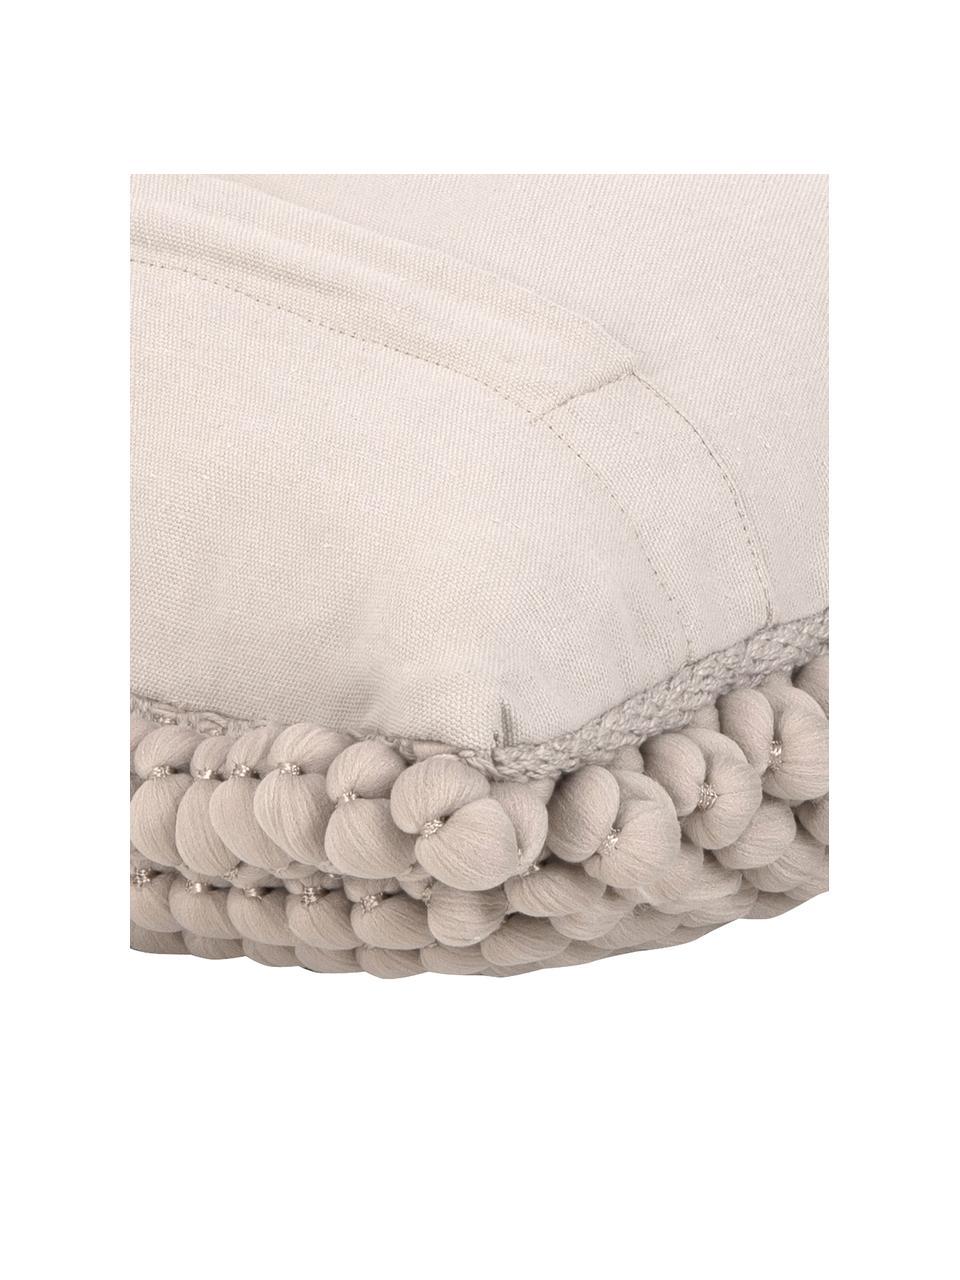 Poszewka na poduszkę Iona, Beżowy, S 45 x D 45 cm